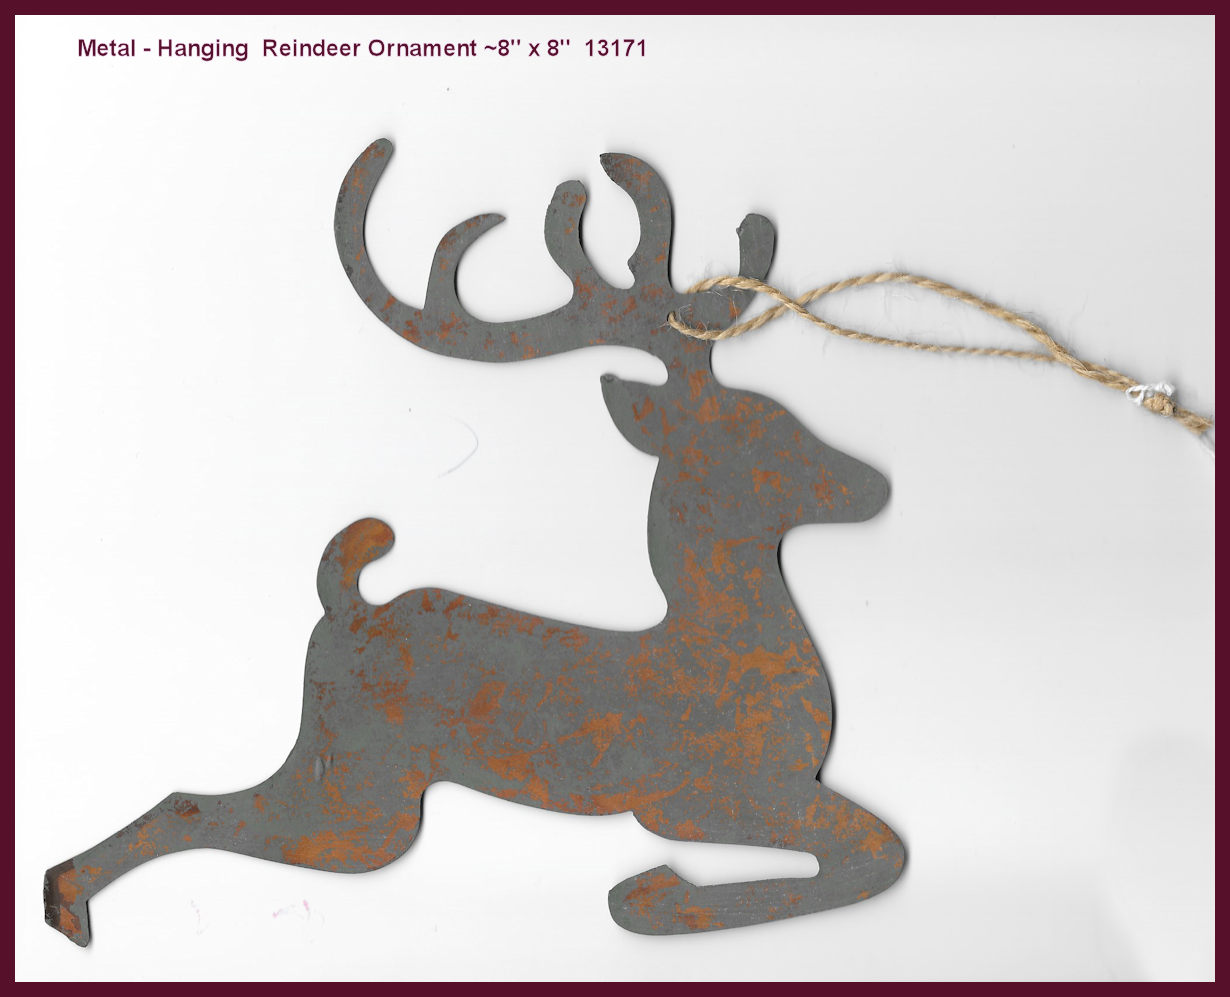 metal-reindeer-ornament-8-x-8-13171-sm.jpg